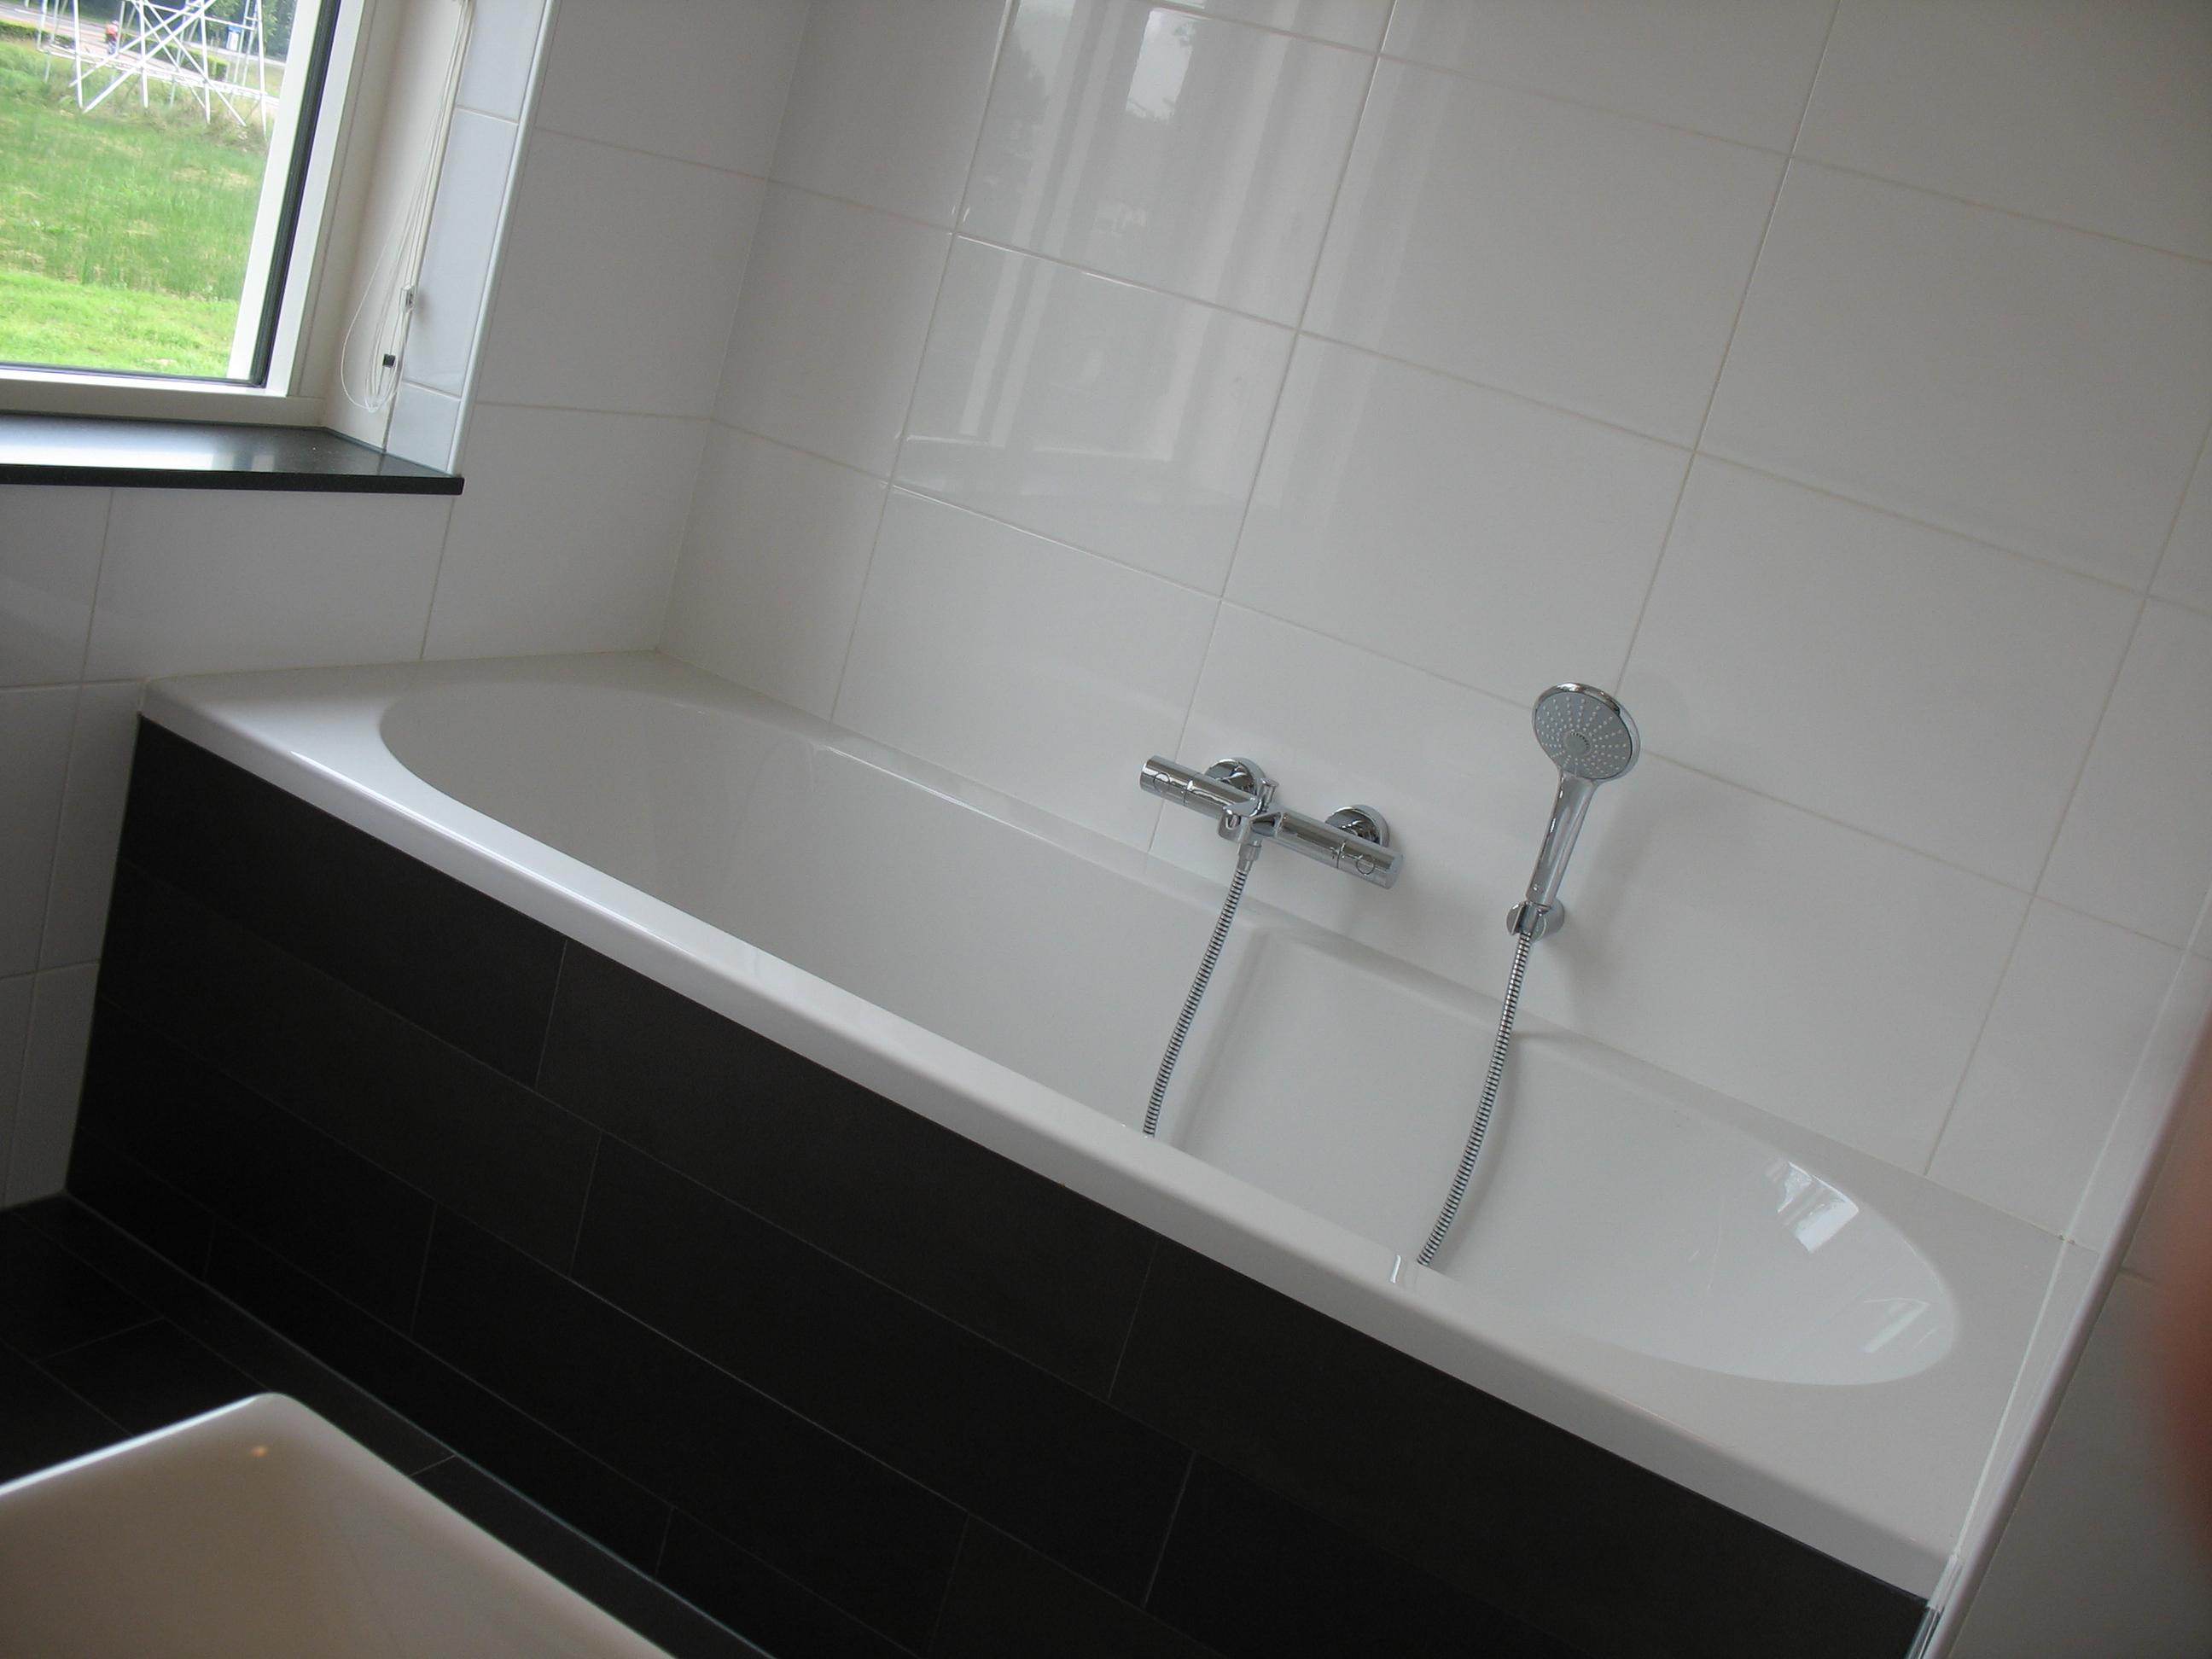 Renovatie Badkamer Fotos : Renovatie badkamer drachten u hofstee bouw u nieuwbouw verbouw